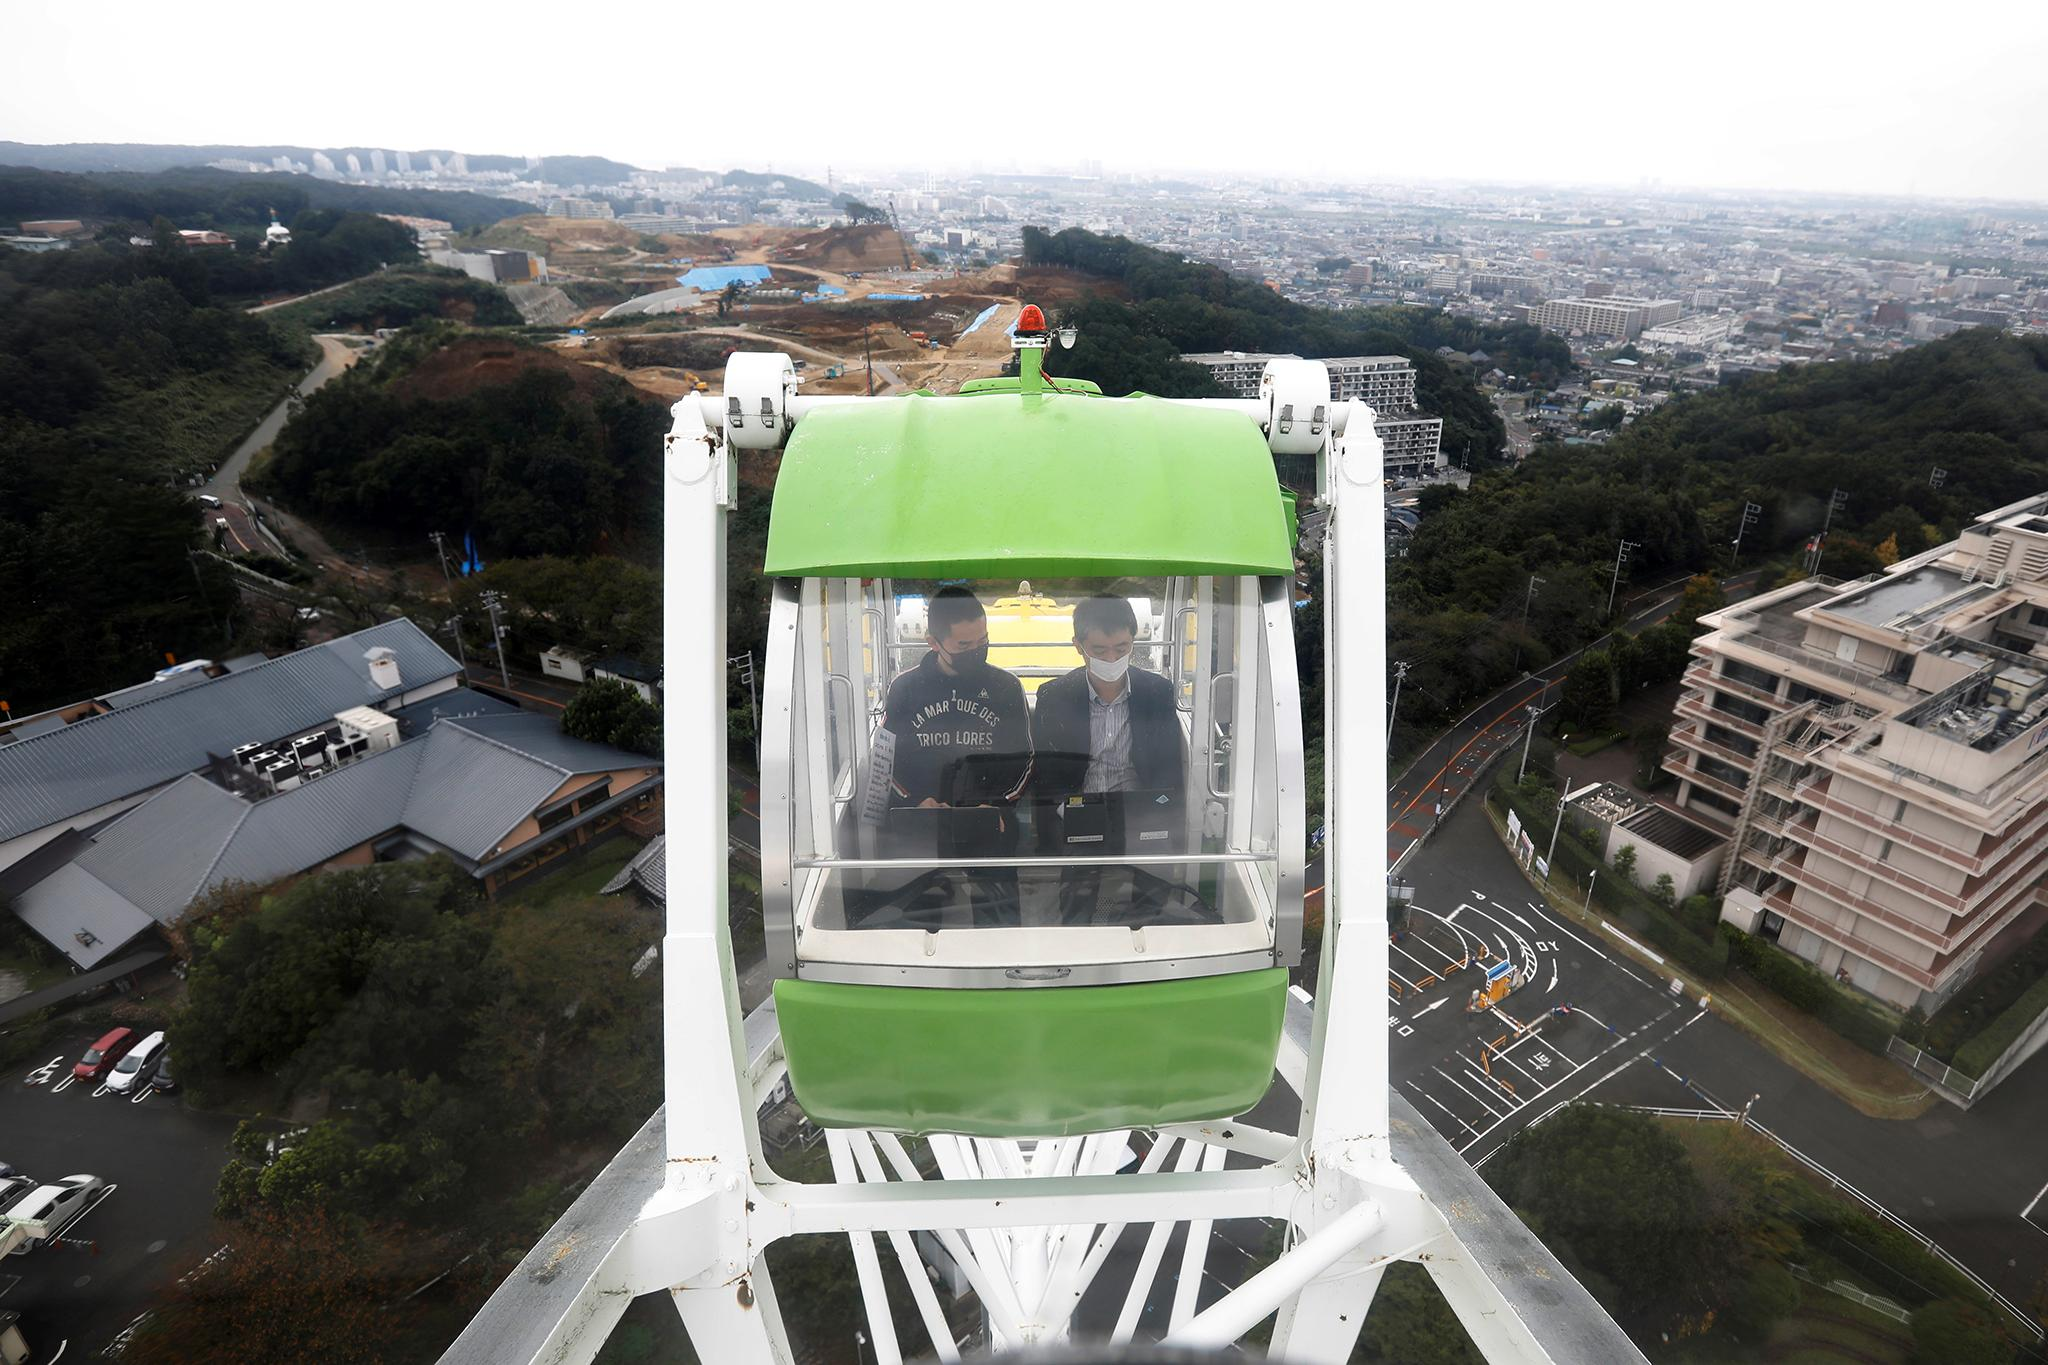 Токиод ажил хэргийн гэрээг бүгчим өрөөнд биш паркад алсыг харагч дотор хийдэг шинэ трэнд гараад байна.